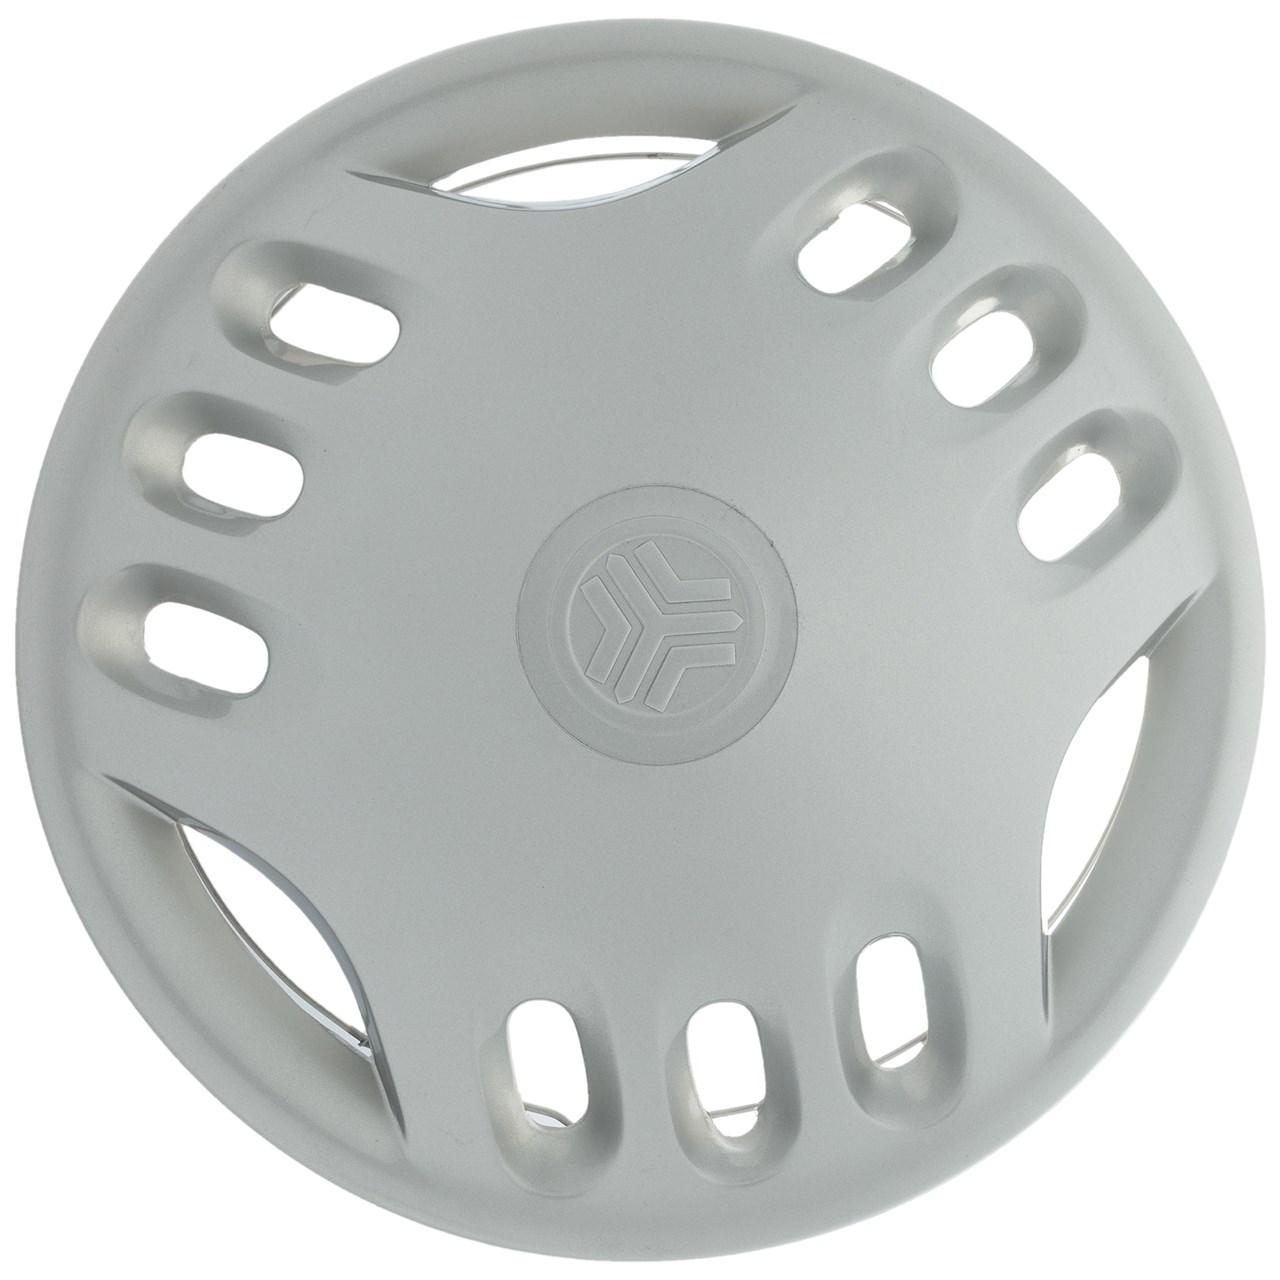 قالپاق چرخ اپل سایز 13 اینچ مناسب برای پراید